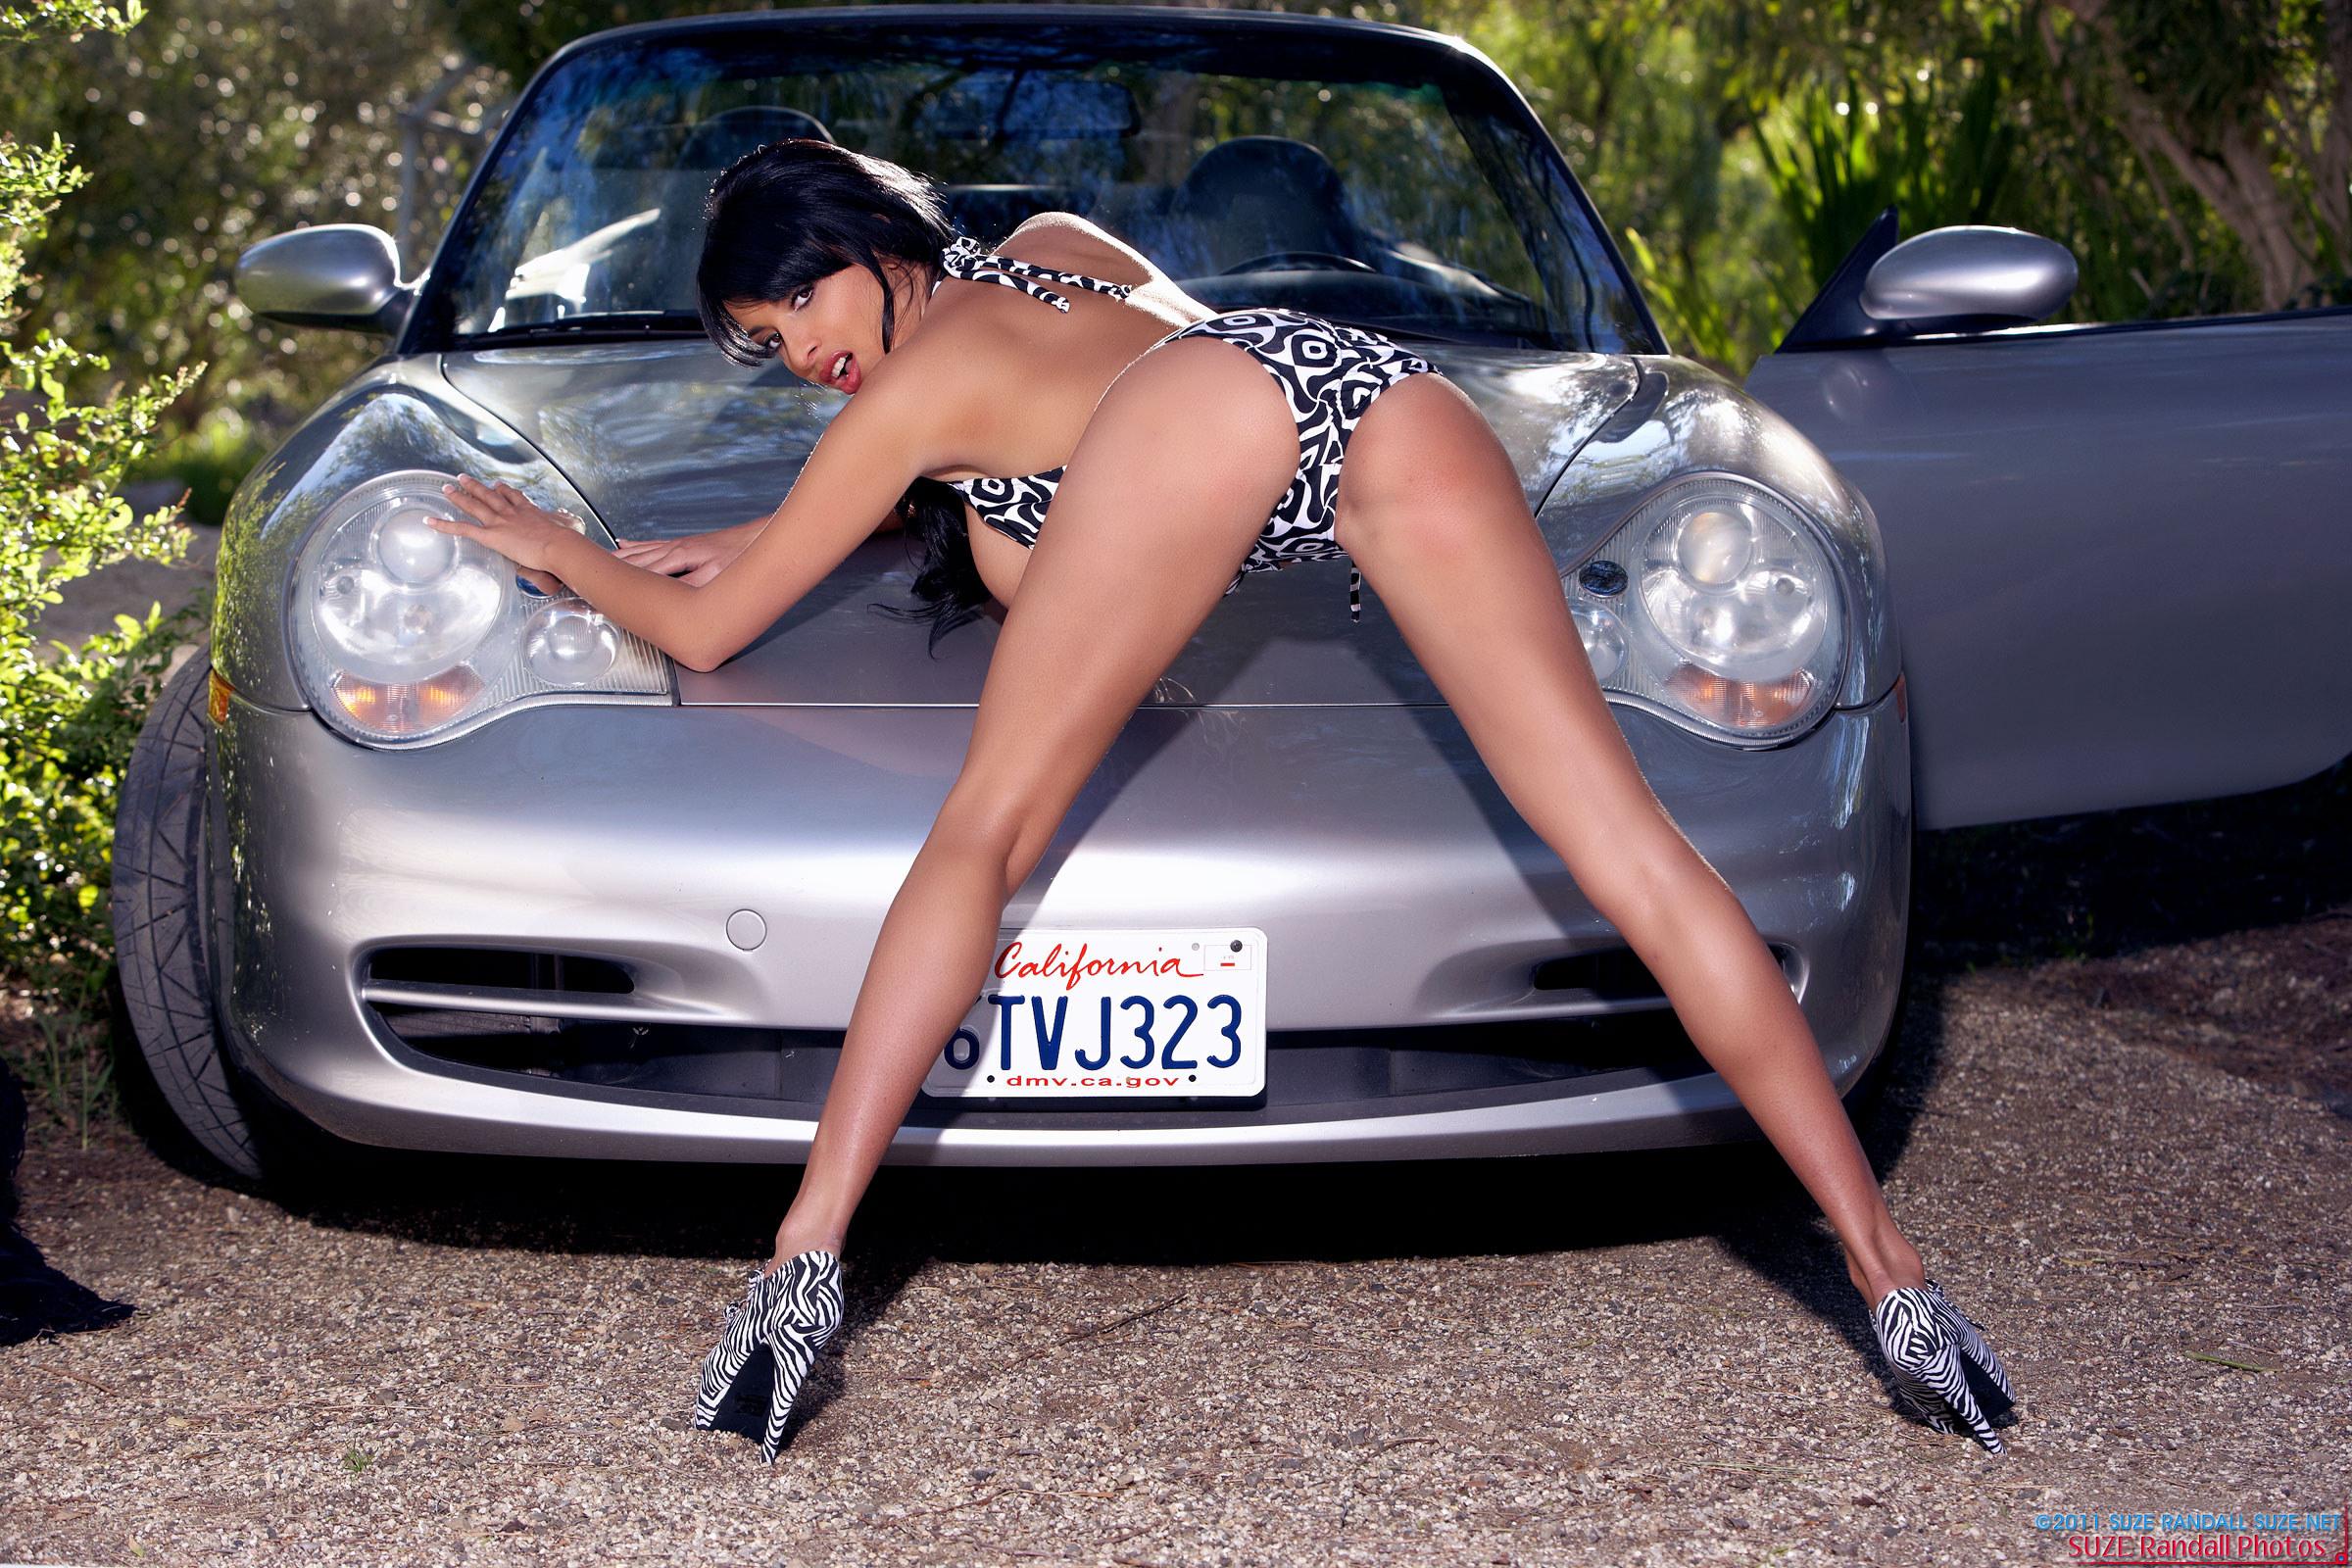 devushki-i-avtomobili-erotika-porno-onlayn-chlen-v-yaponskoy-kiske